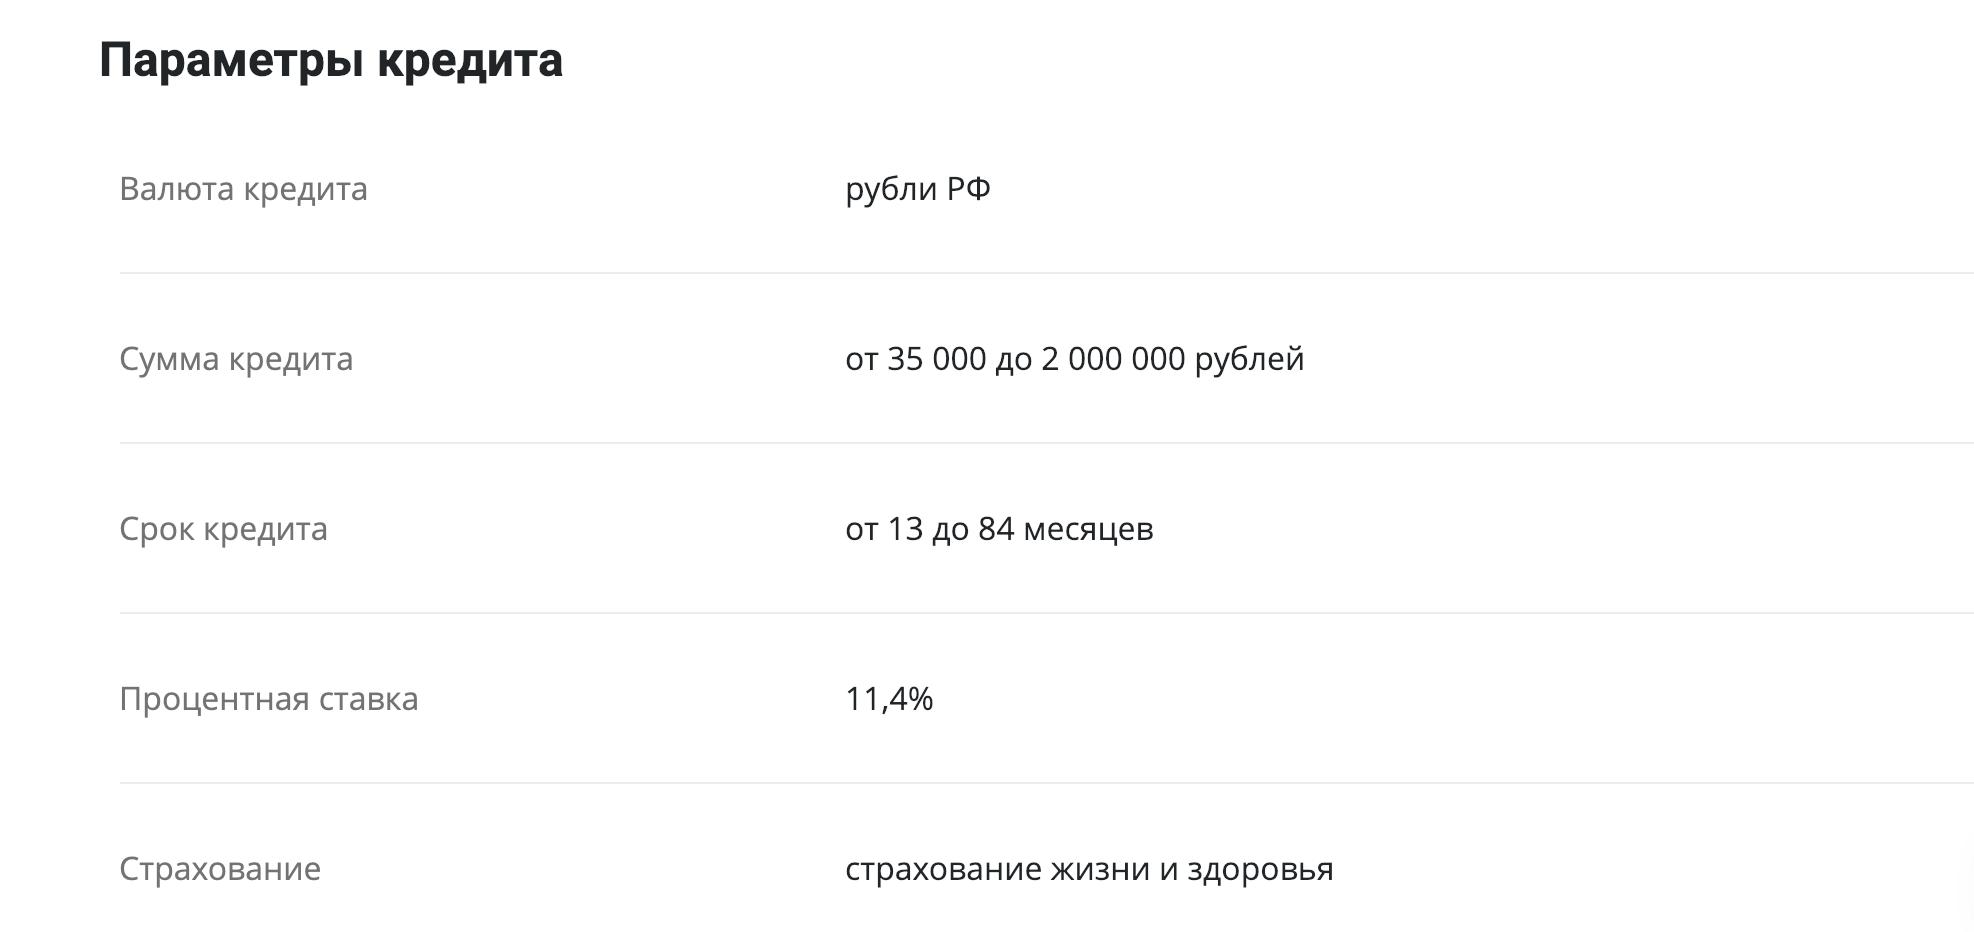 Рефинансирование кредитов в УРАЛСИБ банке